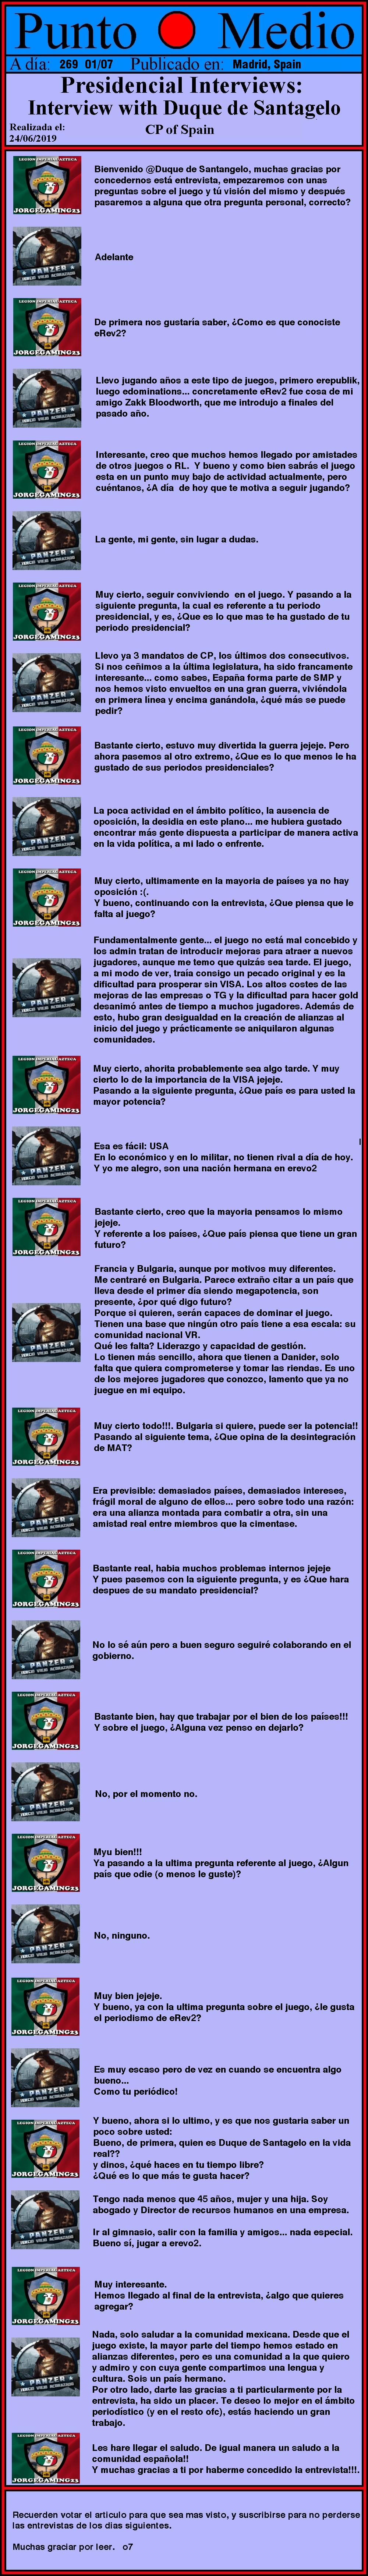 https://i.ibb.co/1zqt1XW/Entrevista-Duque-de-S-en-espa-ol.png